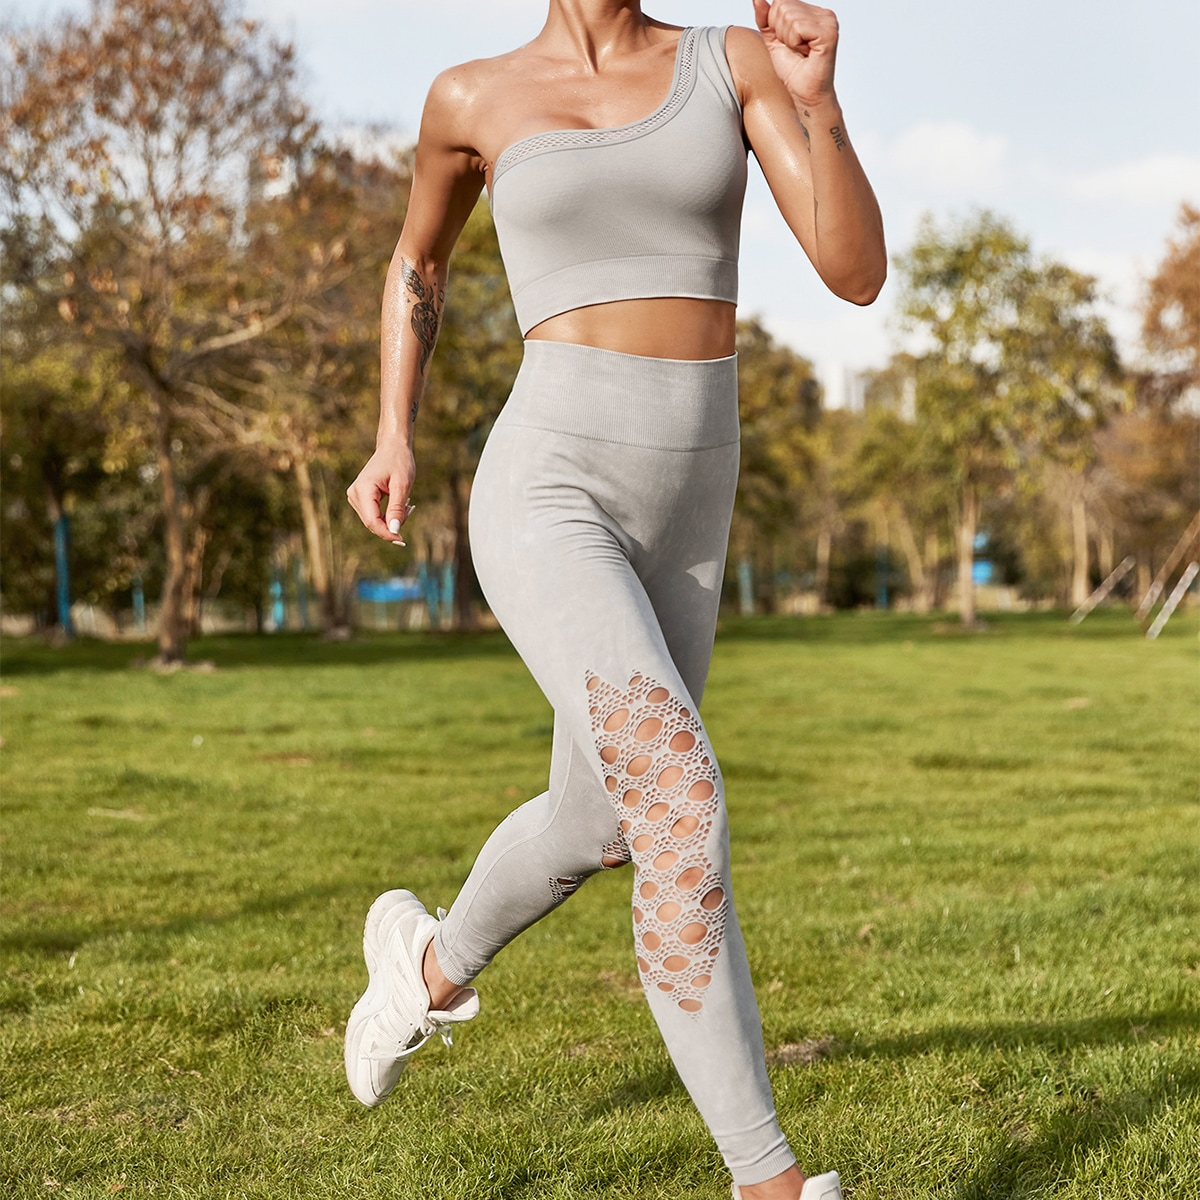 Дышащий впитывающий пот бесшовный спортивный бюстгальтер и леггинсы с хорошей эластичностью - средняя поддержка